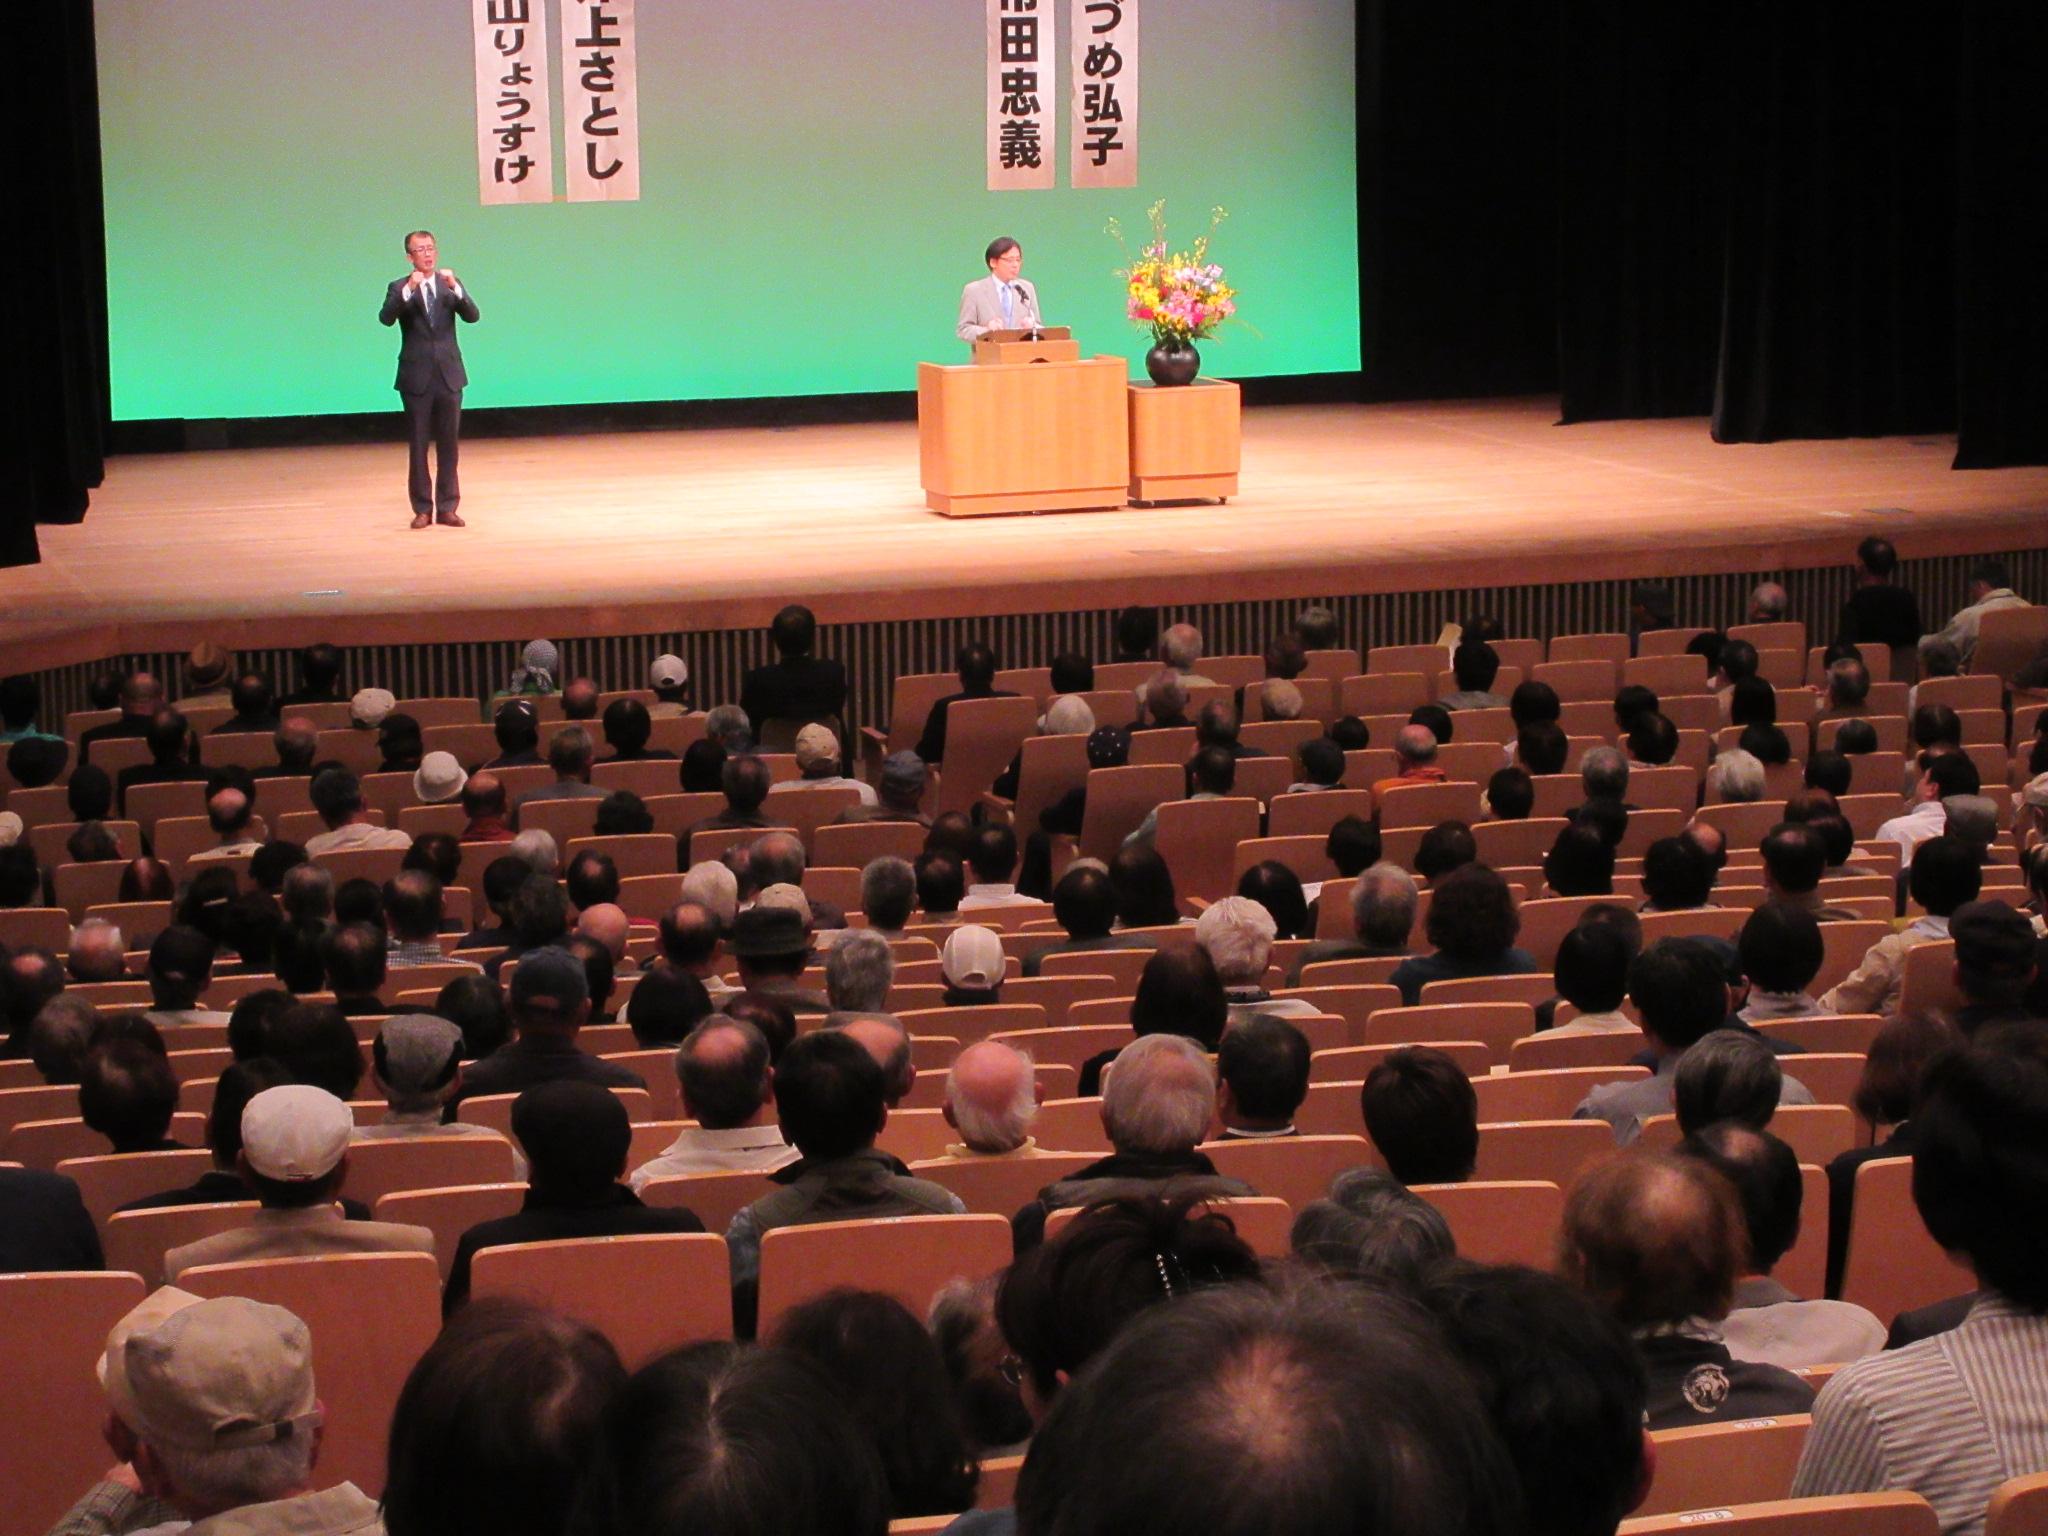 http://www.inoue-satoshi.com/diary/IMG_4551.JPG